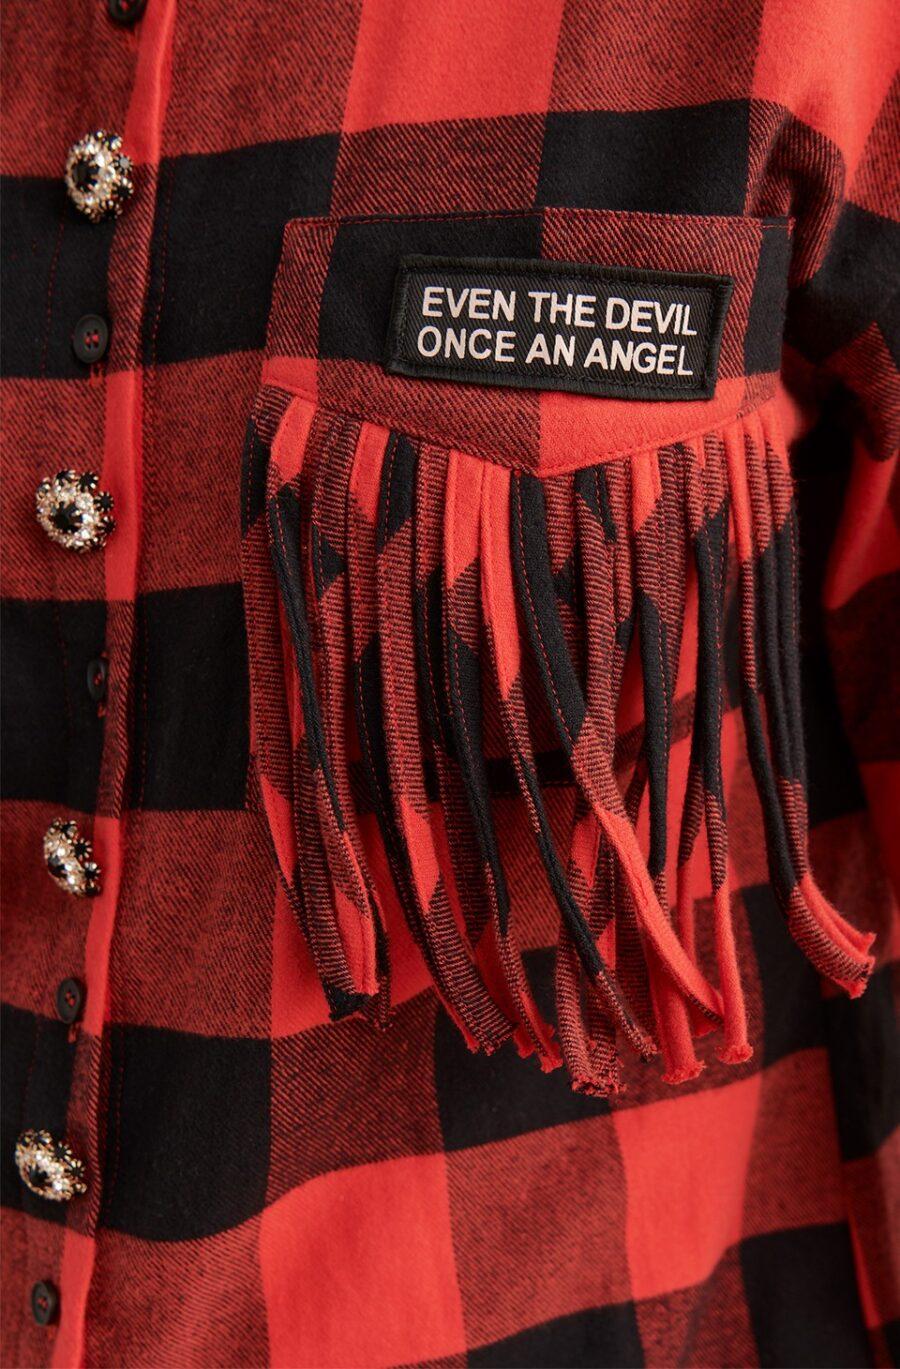 <ul> <li>Vestido con estampado de cuadros Escoceses en tonos rojo y negro</li> <li>Marca Fetiche</li> <li>Adorno de botones Joya</li> <li>Detalle de bordado LOVE en la espalda</li> <li>Bolsillos con flecos y detalle de parche</li> <li>Manga larga</li> <li>Tejido muy gustoso, suave y calentito</li> <li>La modelo mide 1.80cm y lleva la talla S</li> <li></li> </ul> Alabama Shop